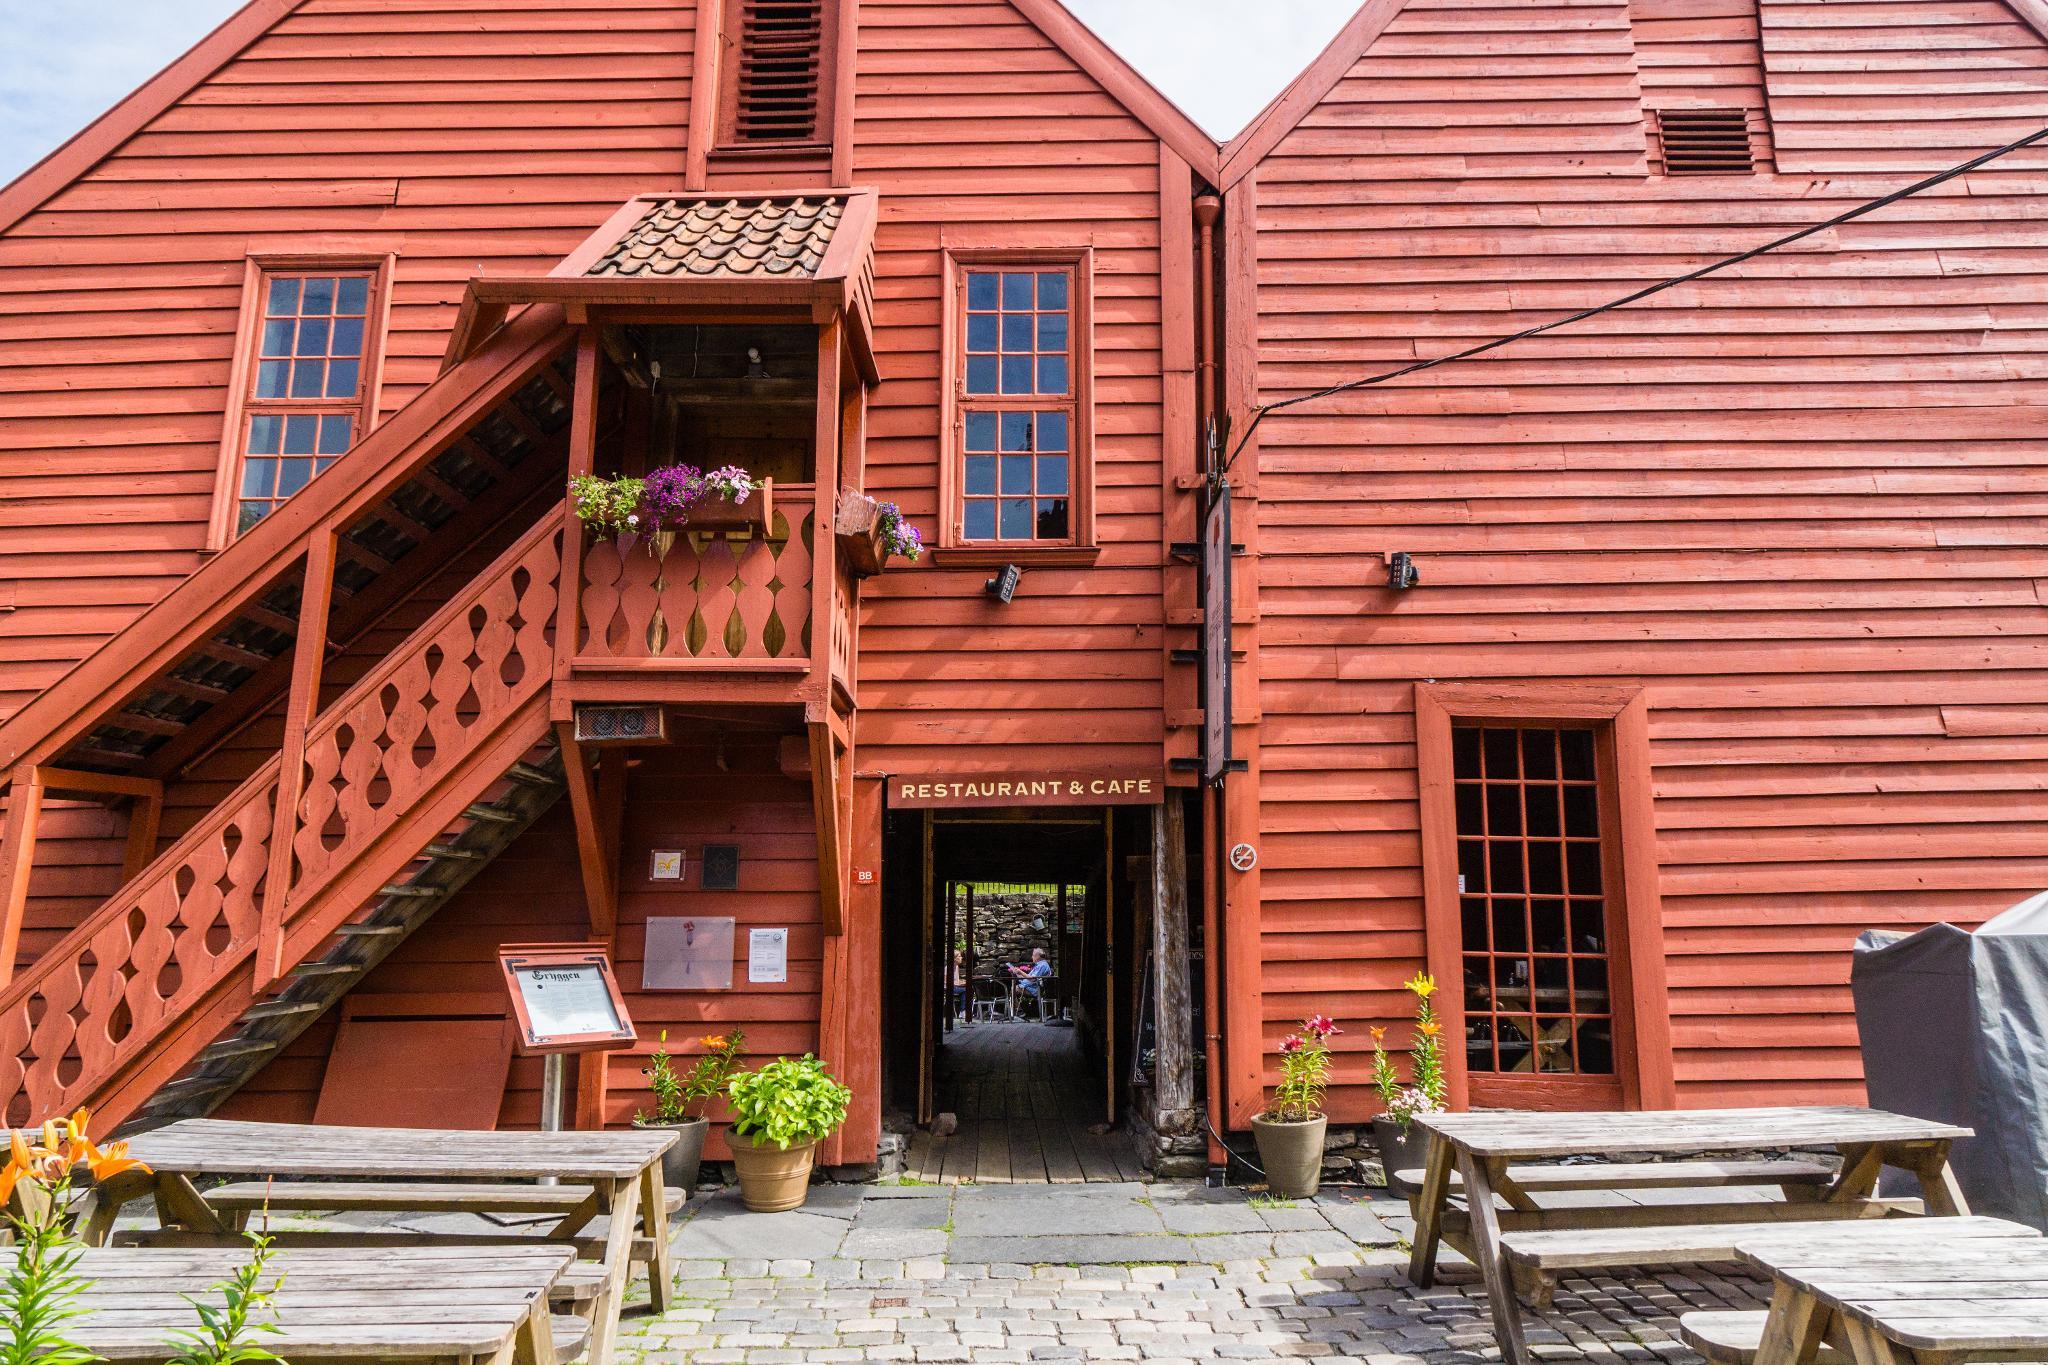 【卑爾根】Bryggen 世界遺產布呂根 — 迷失在百年歷史的挪威彩色木屋 20